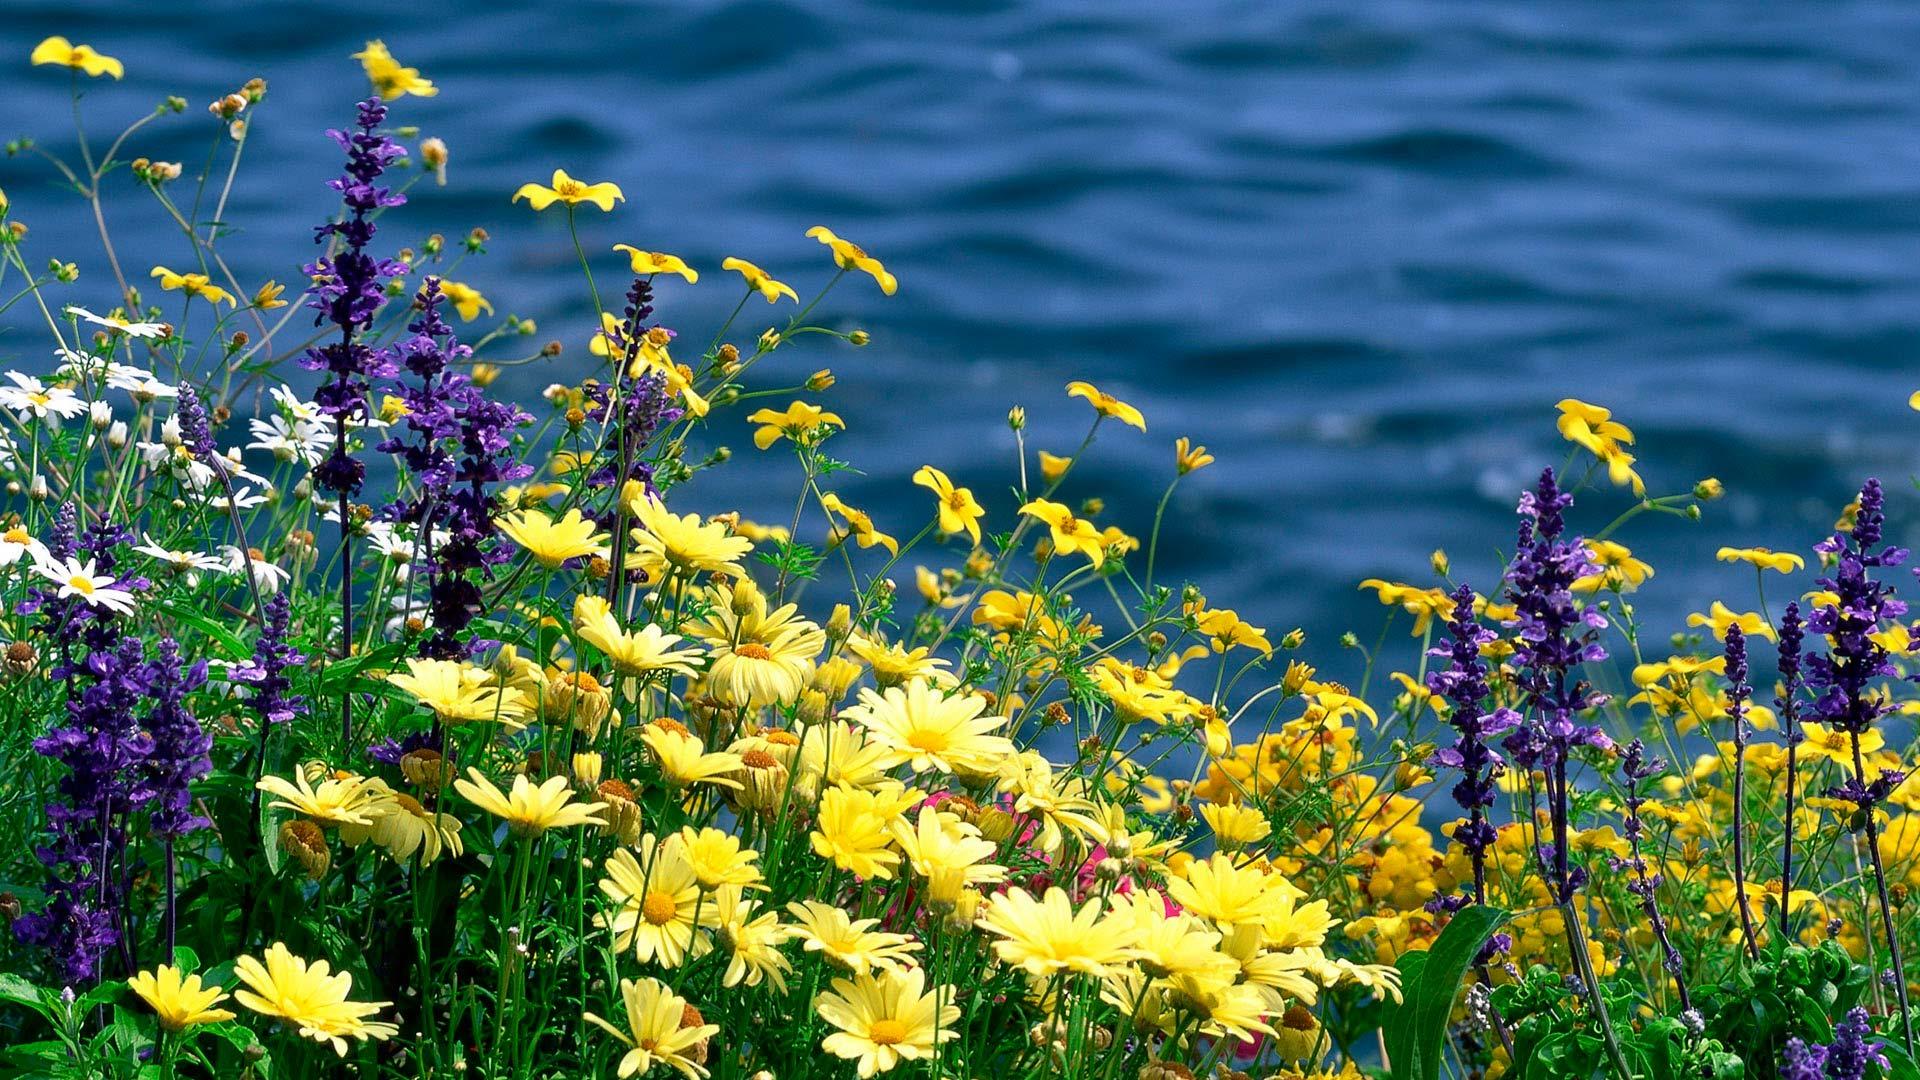 Картинки с четвергом доброго утра анимация цветы каких знаках